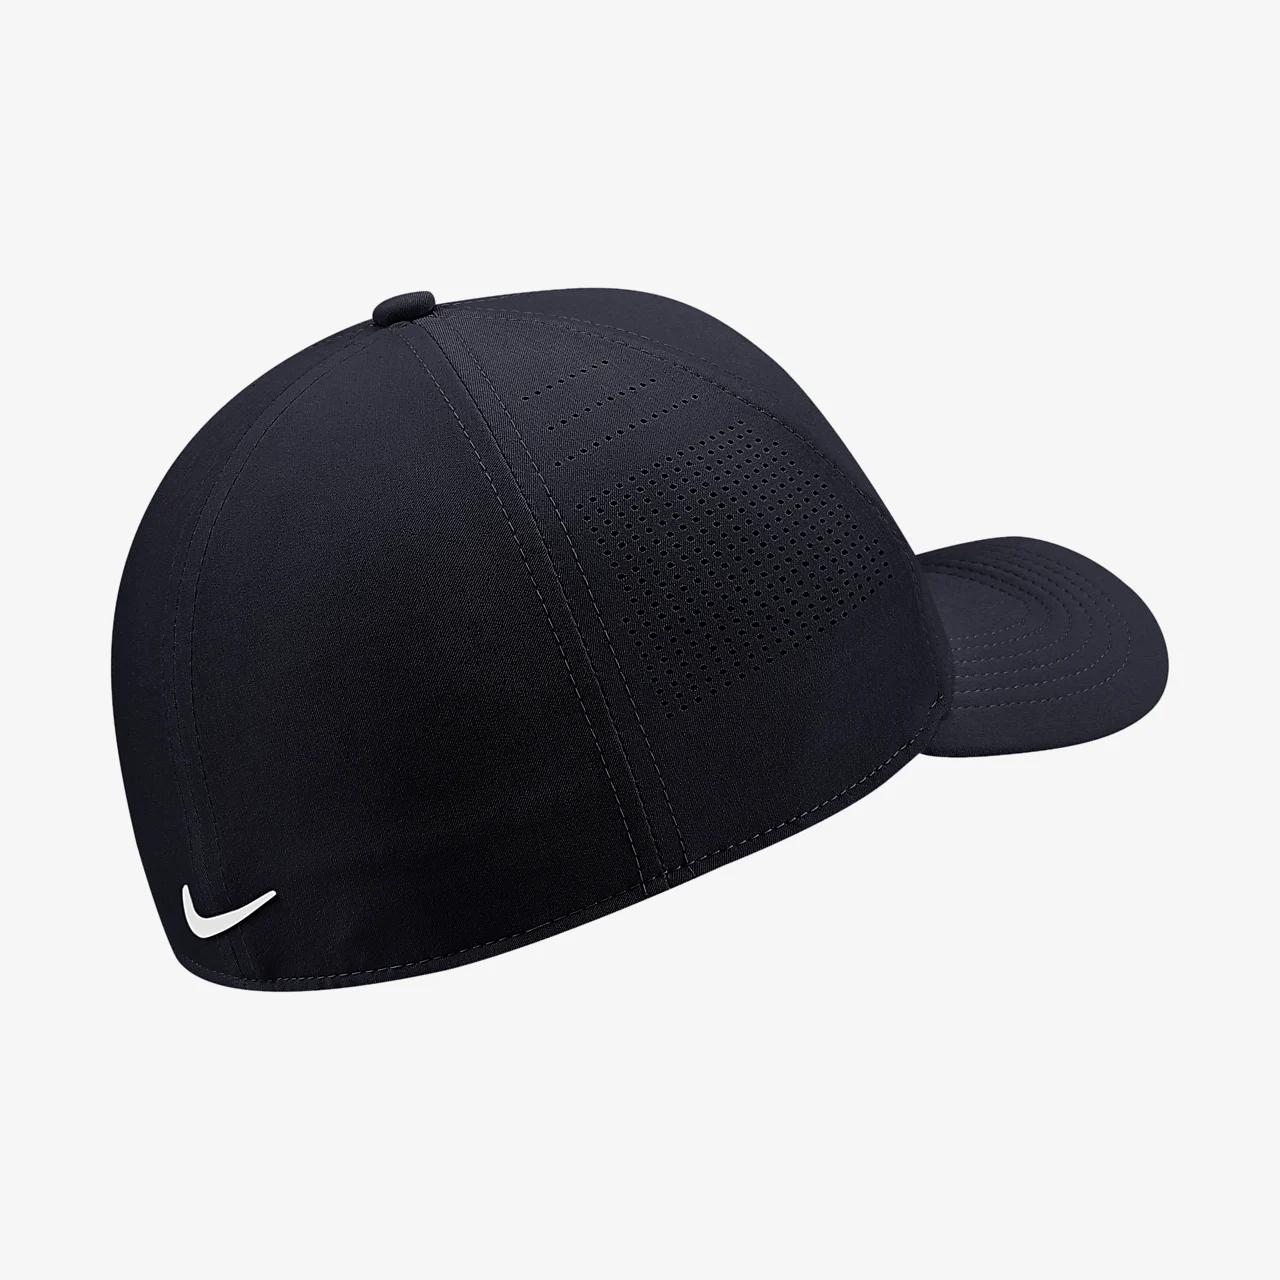 나이키 에어로빌 클래식 99 골프 모자 BV1073-451